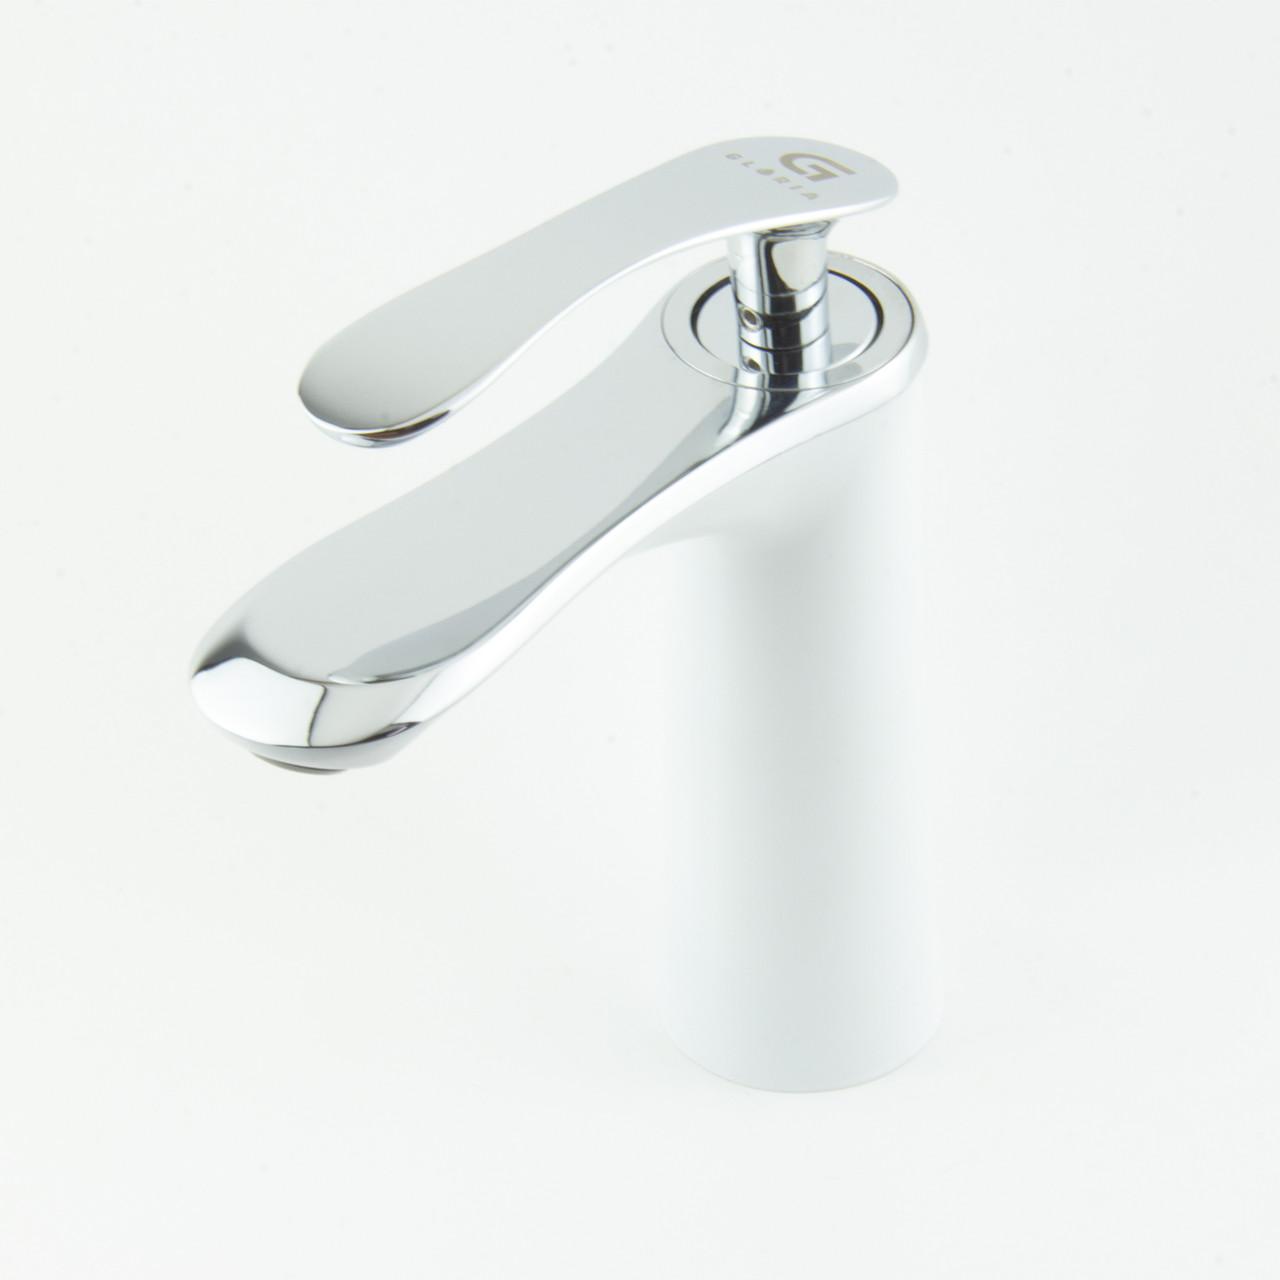 Смеситель для раковины GLORIA SmartFlow® BR008 белый